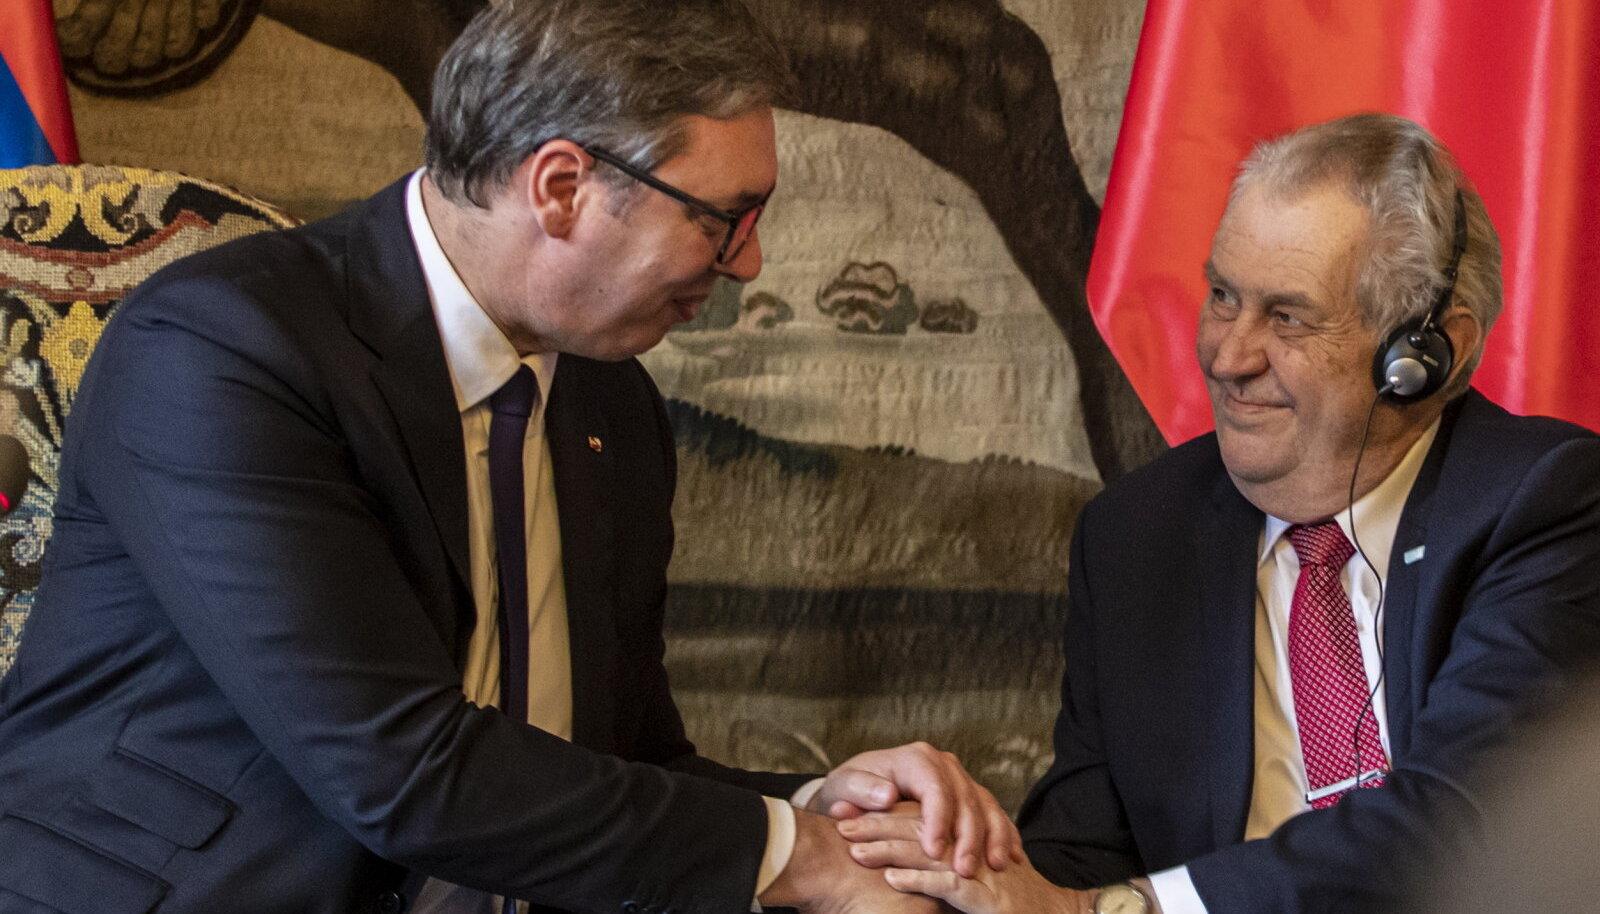 Aleksandar Vučić ja Miloš Zeman